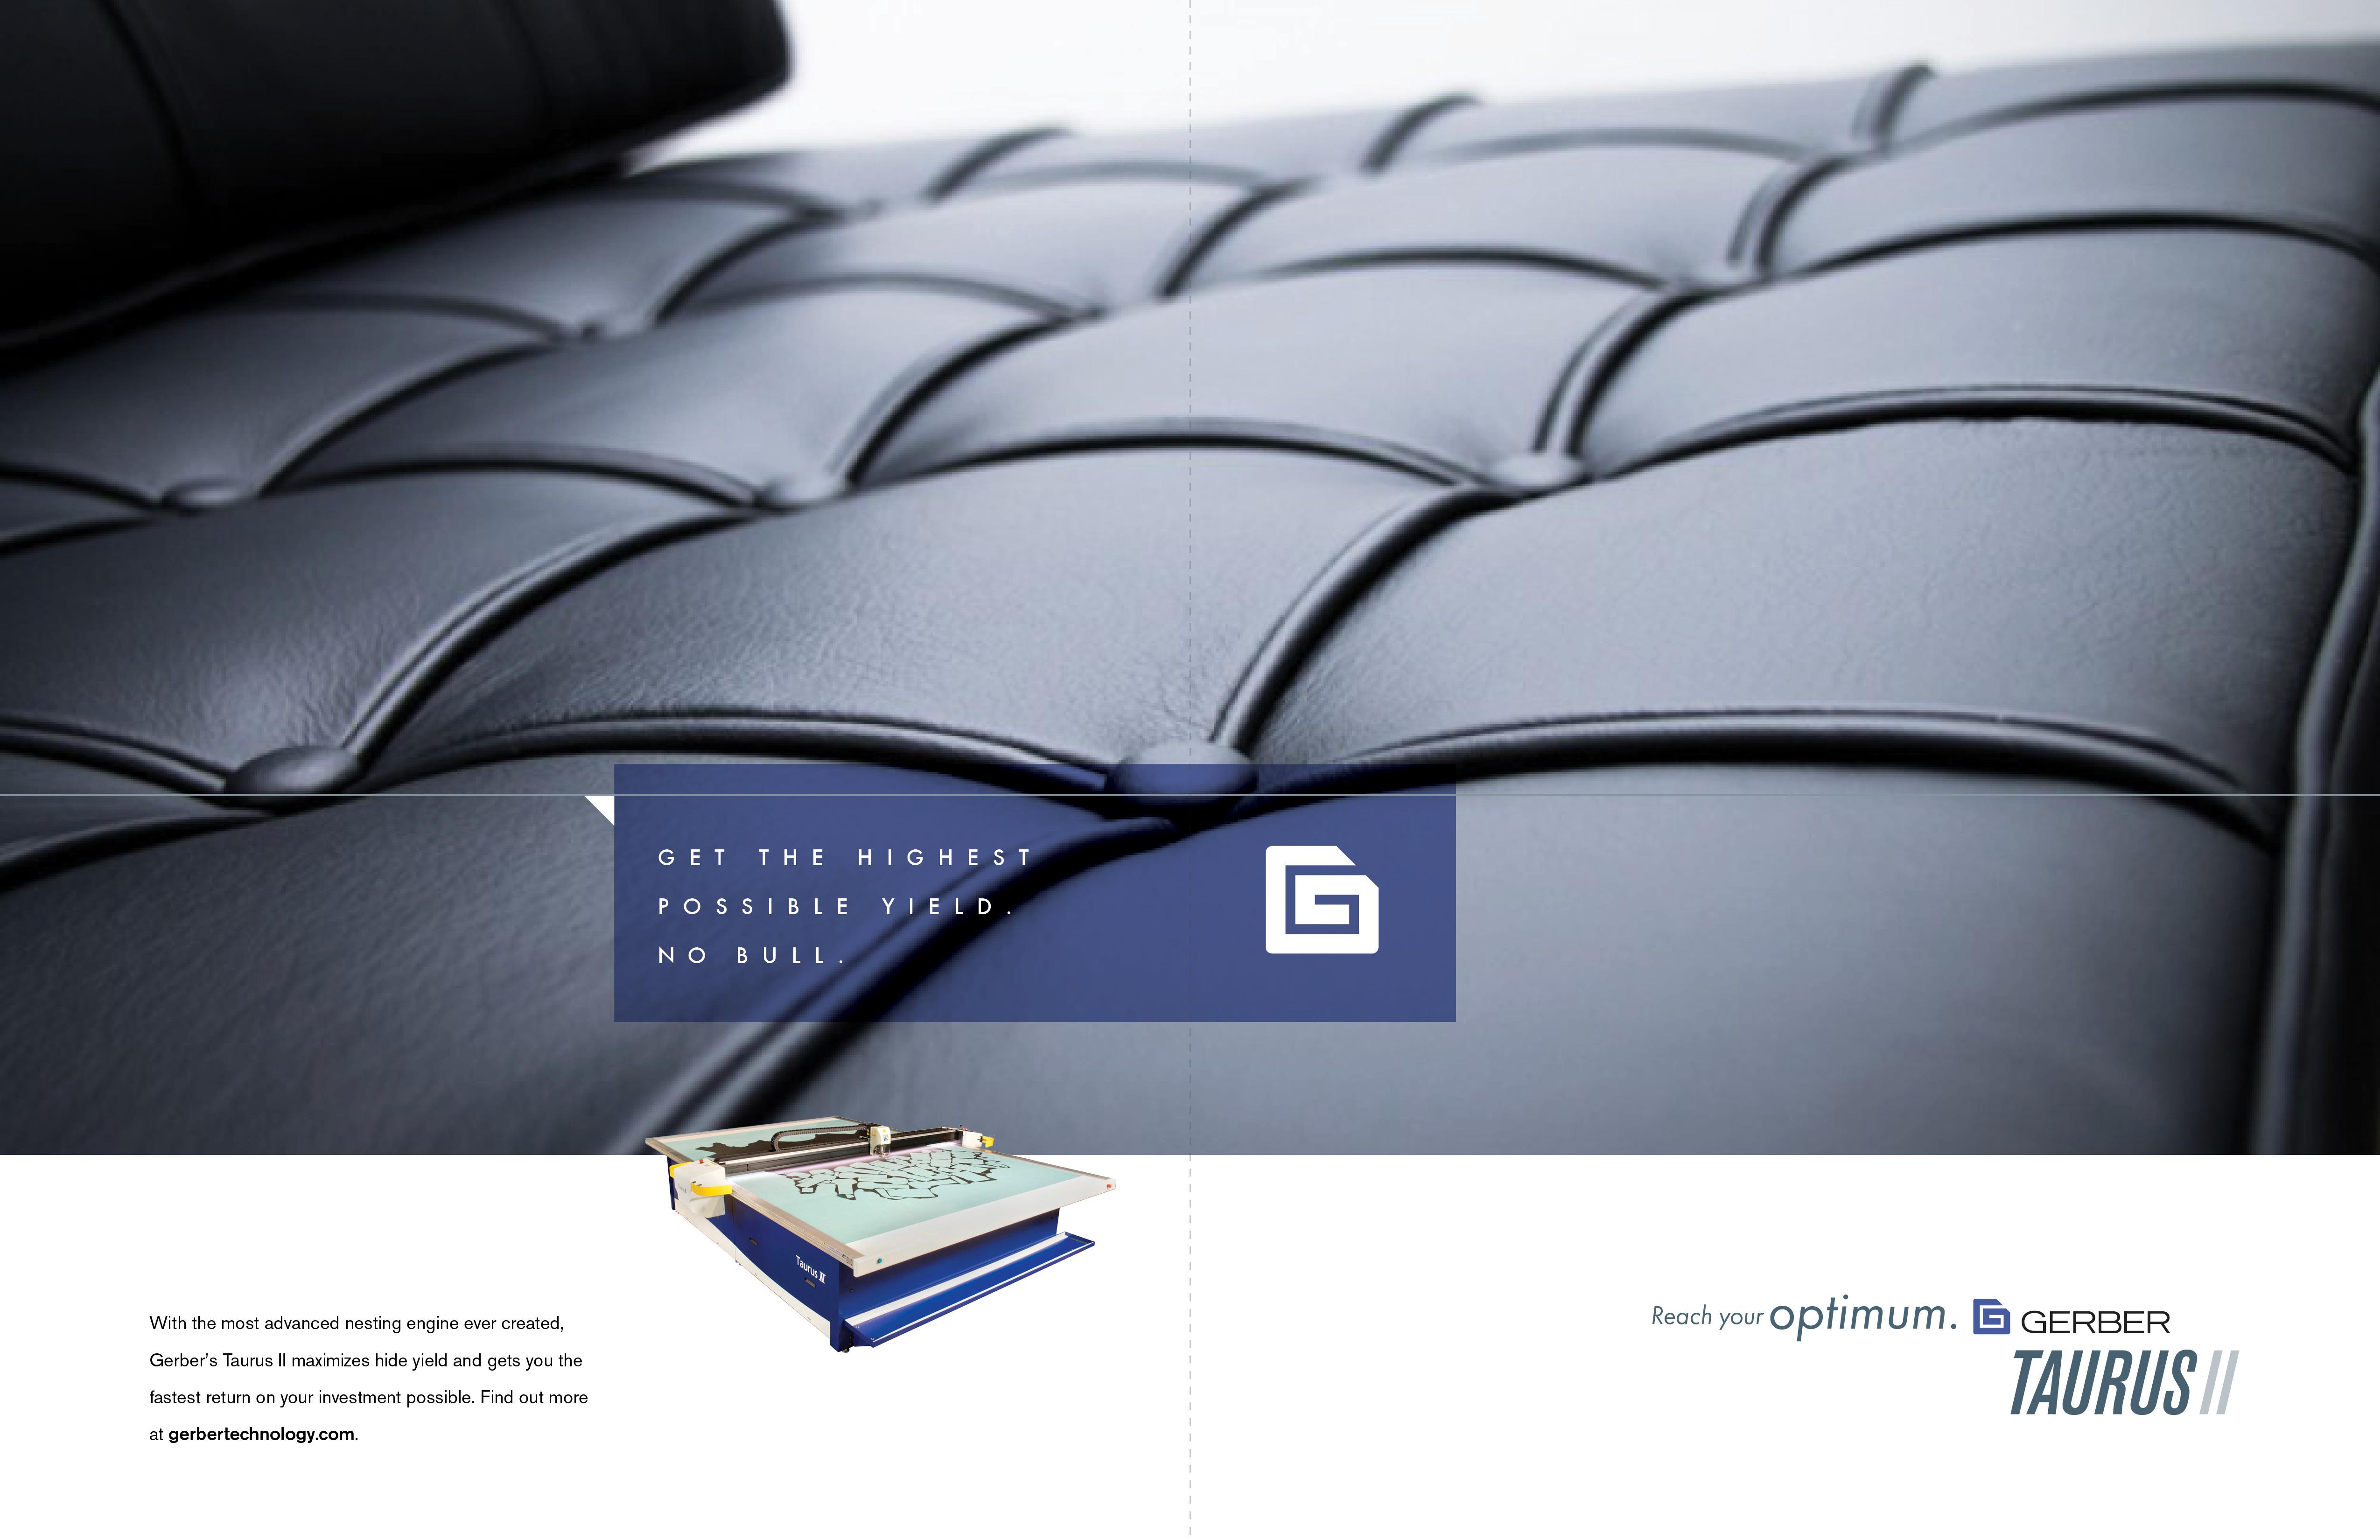 GERB2033 Creative Materials 0115